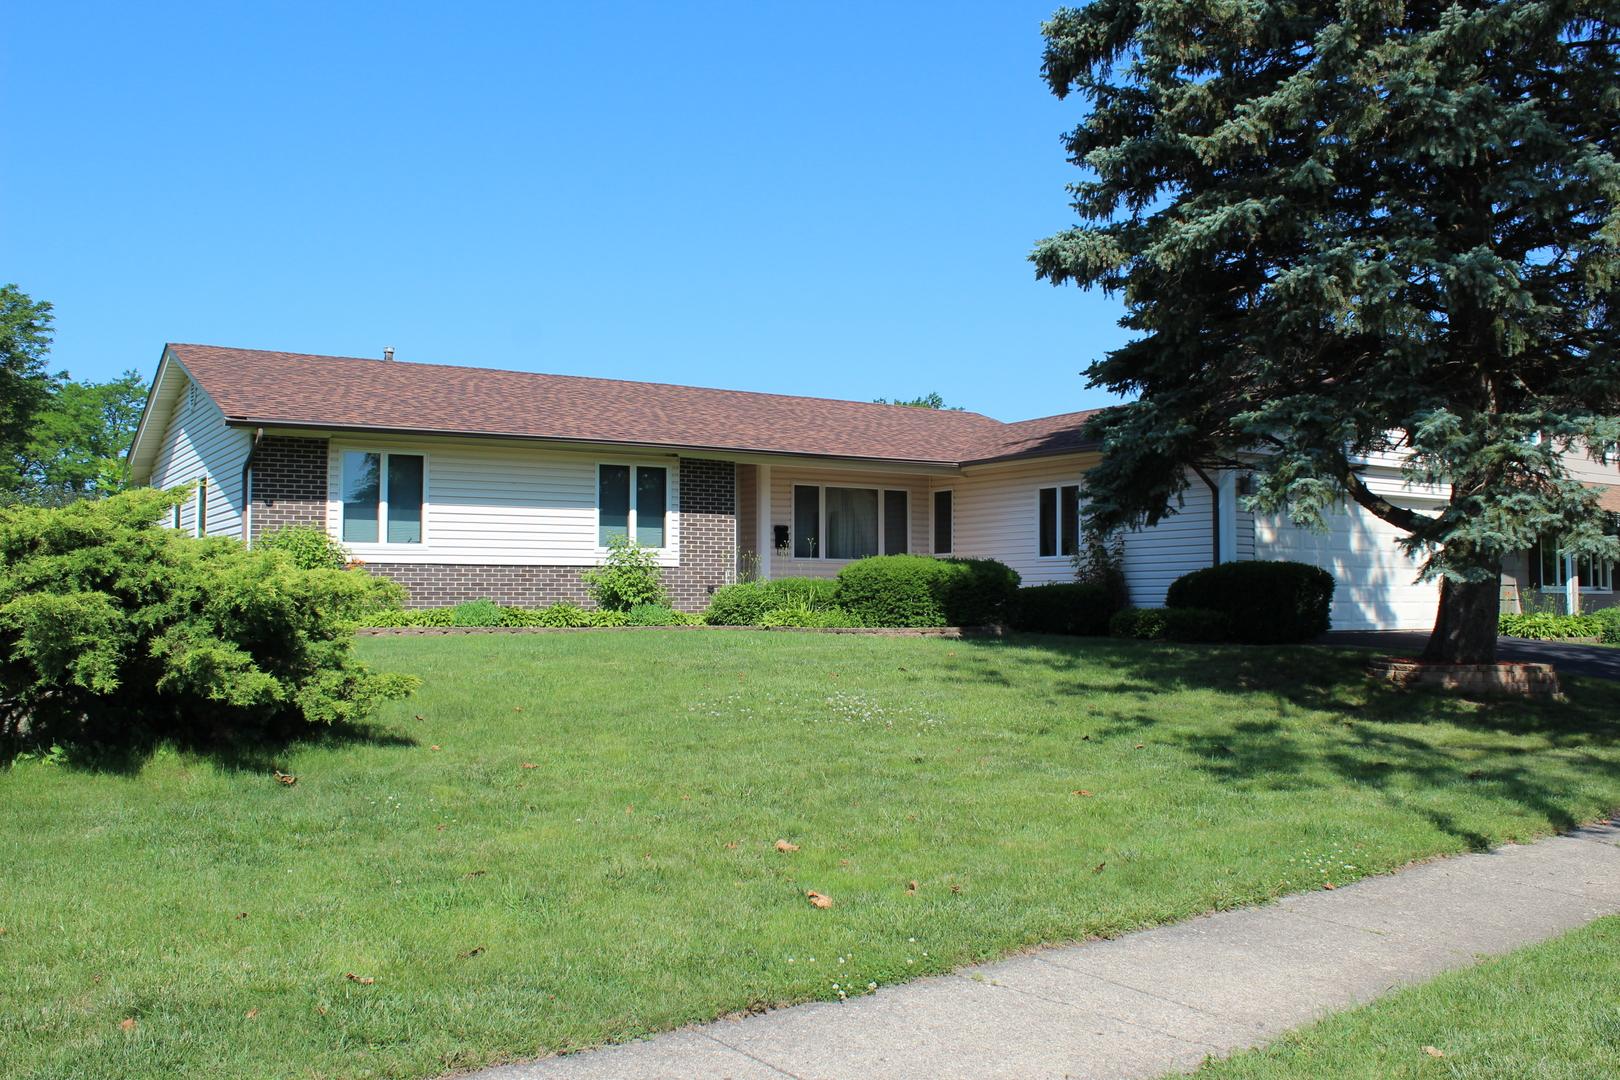 29 KENILWORTH, ELK GROVE VILLAGE, Illinois, 60007